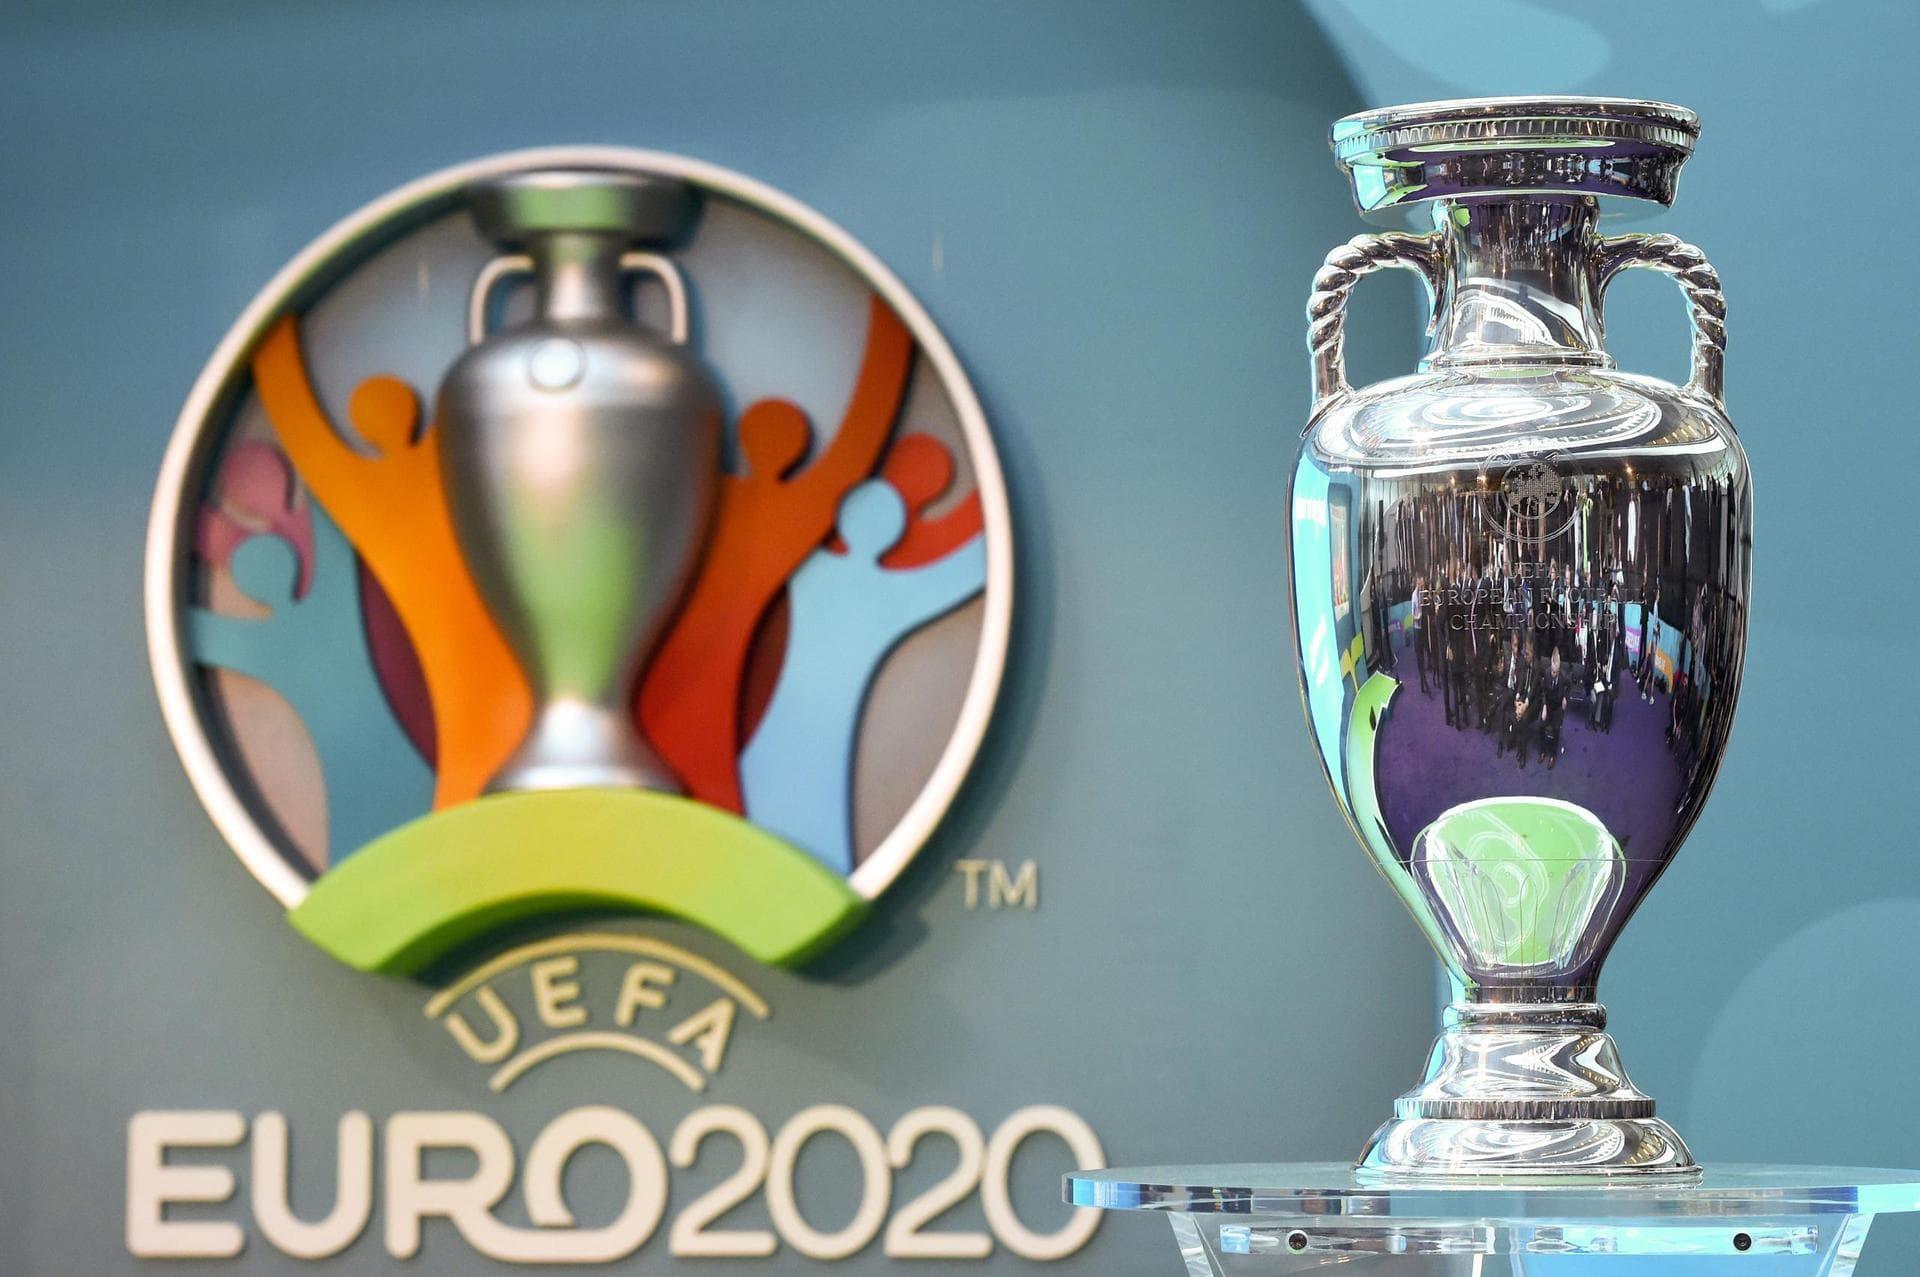 Squadra Azzurra vs. The Three Lions! Der Weg von Italien und England ins Finale / Beide Mannschaften im Faktenvergleich